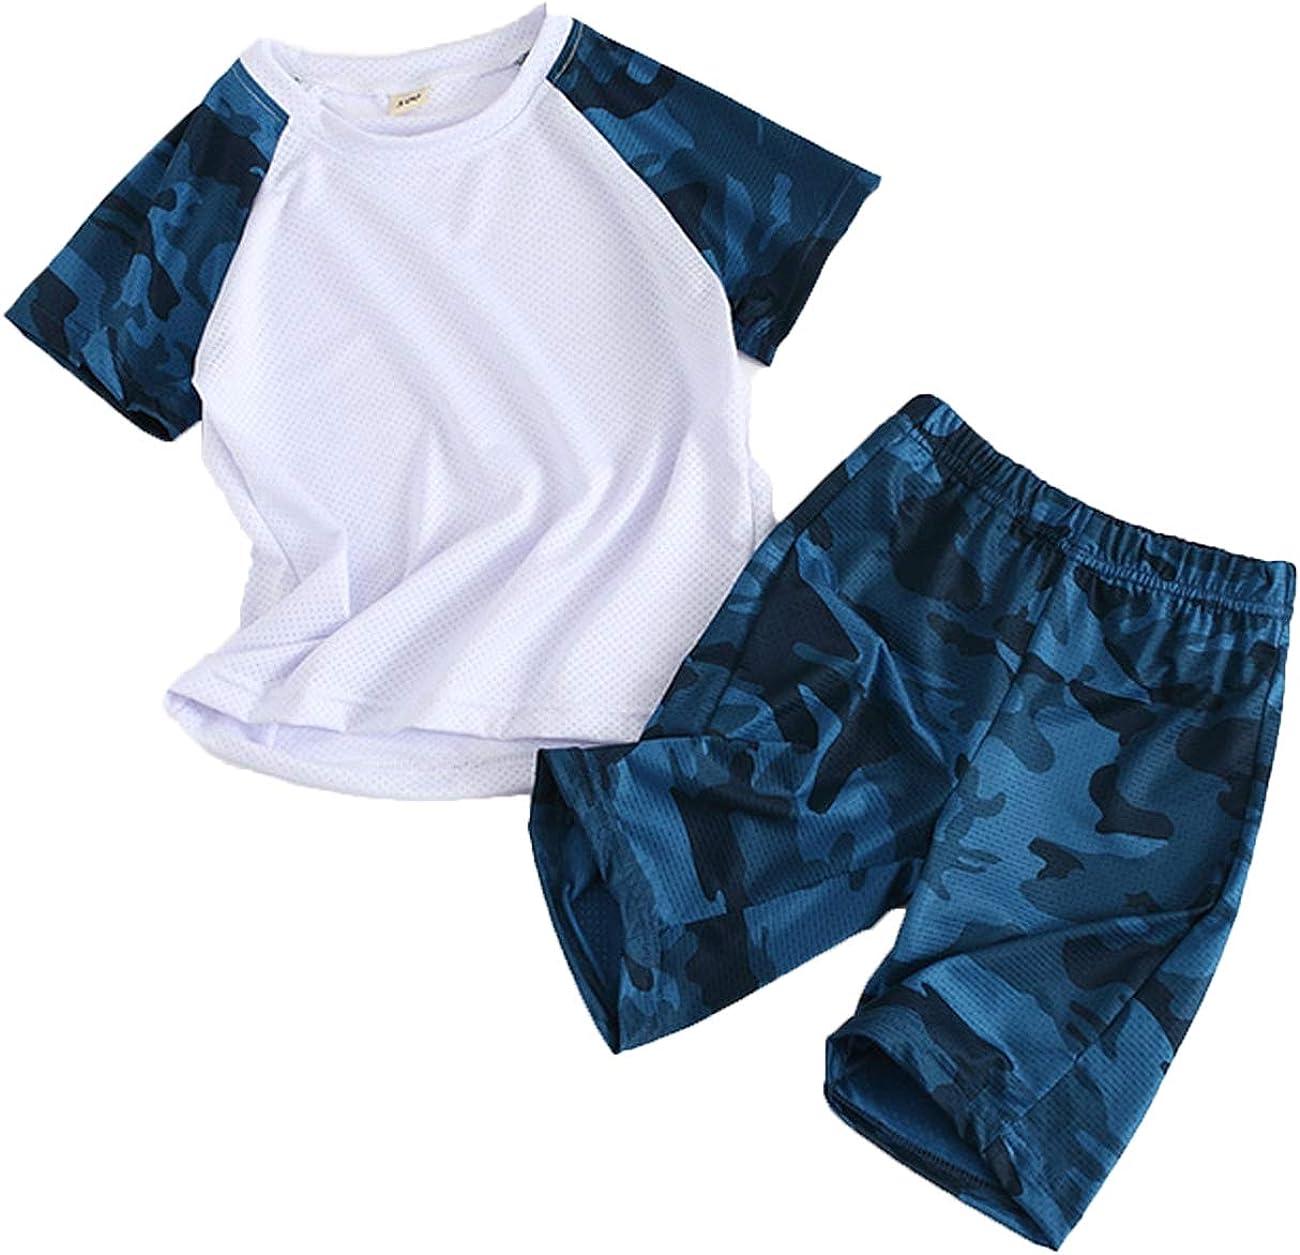 4 Farben 2 St/ück 13 Jahre 2 Shorts Camouflage-Top Coralup Sport-Outfit f/ür Jungen und M/ädchen